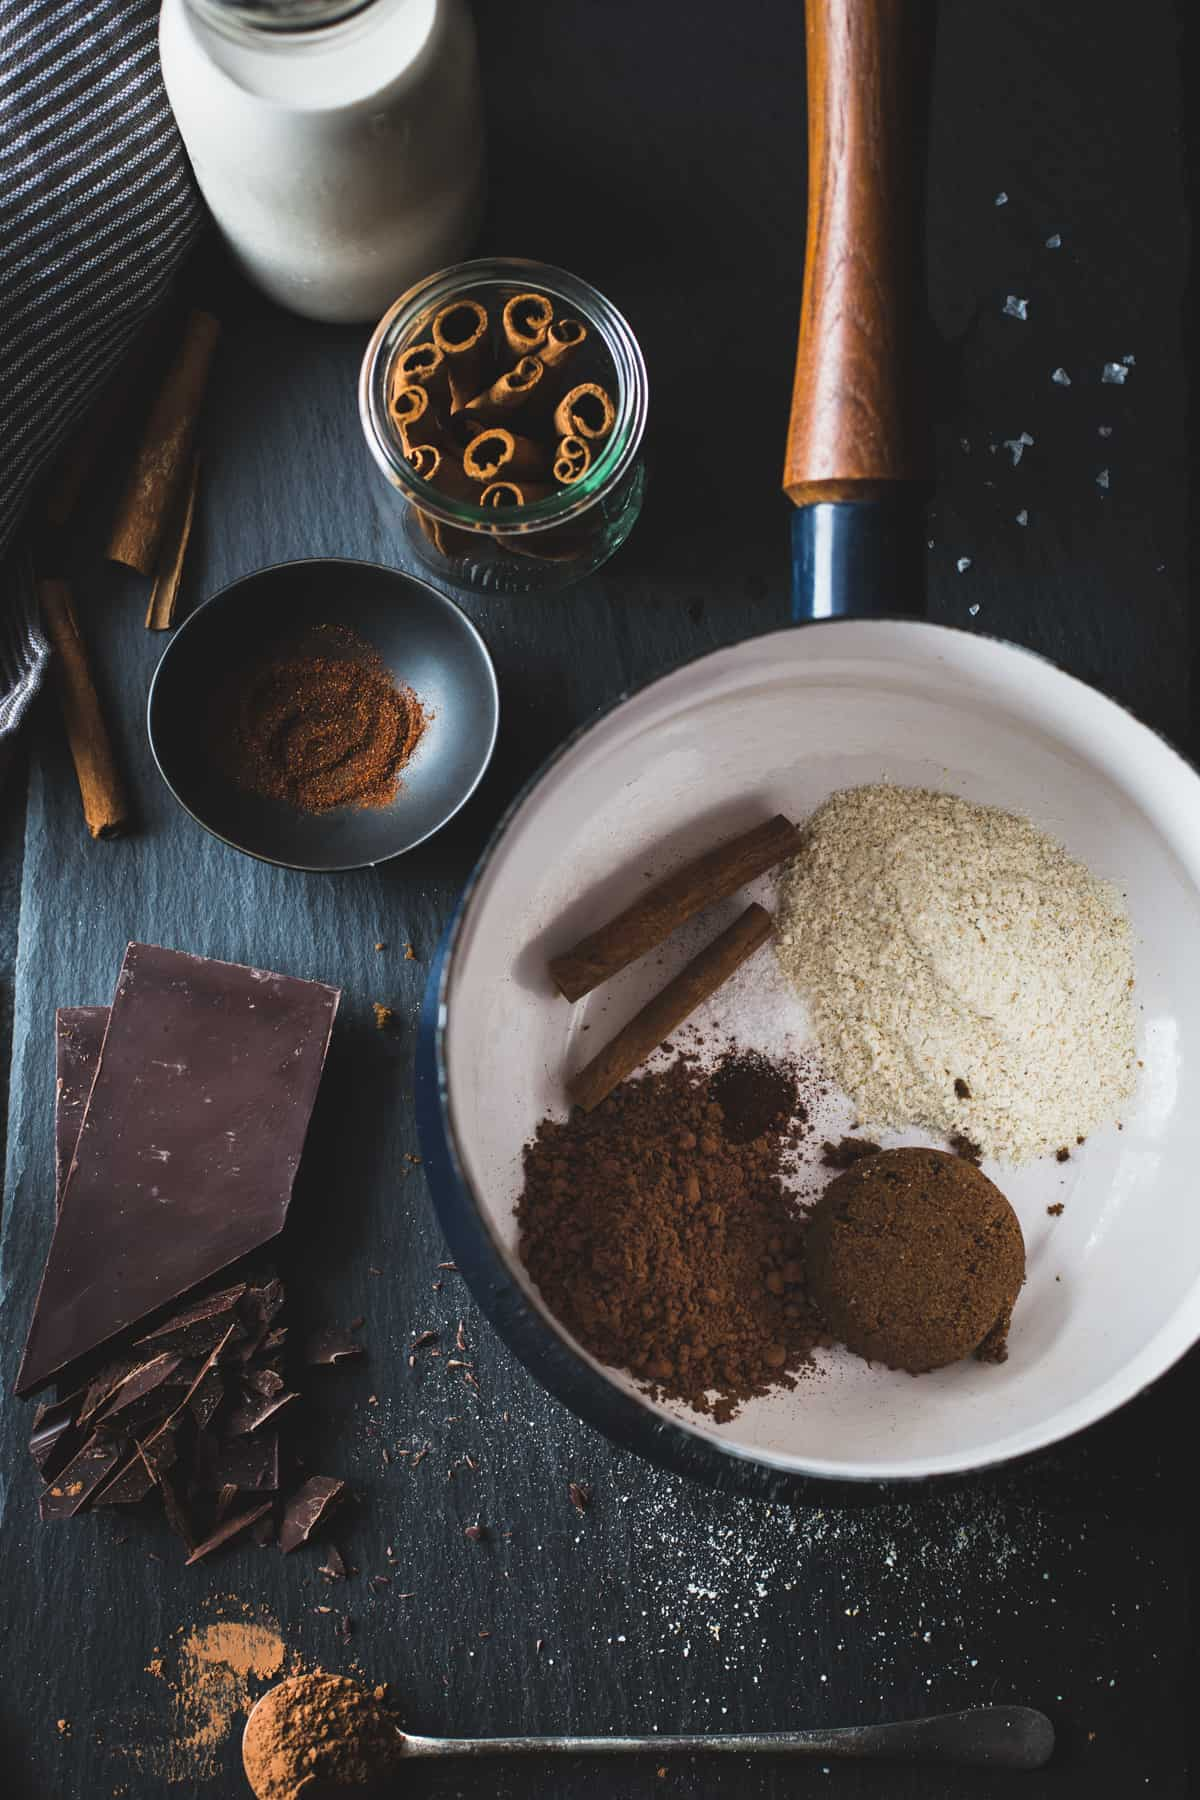 ingredients in pan